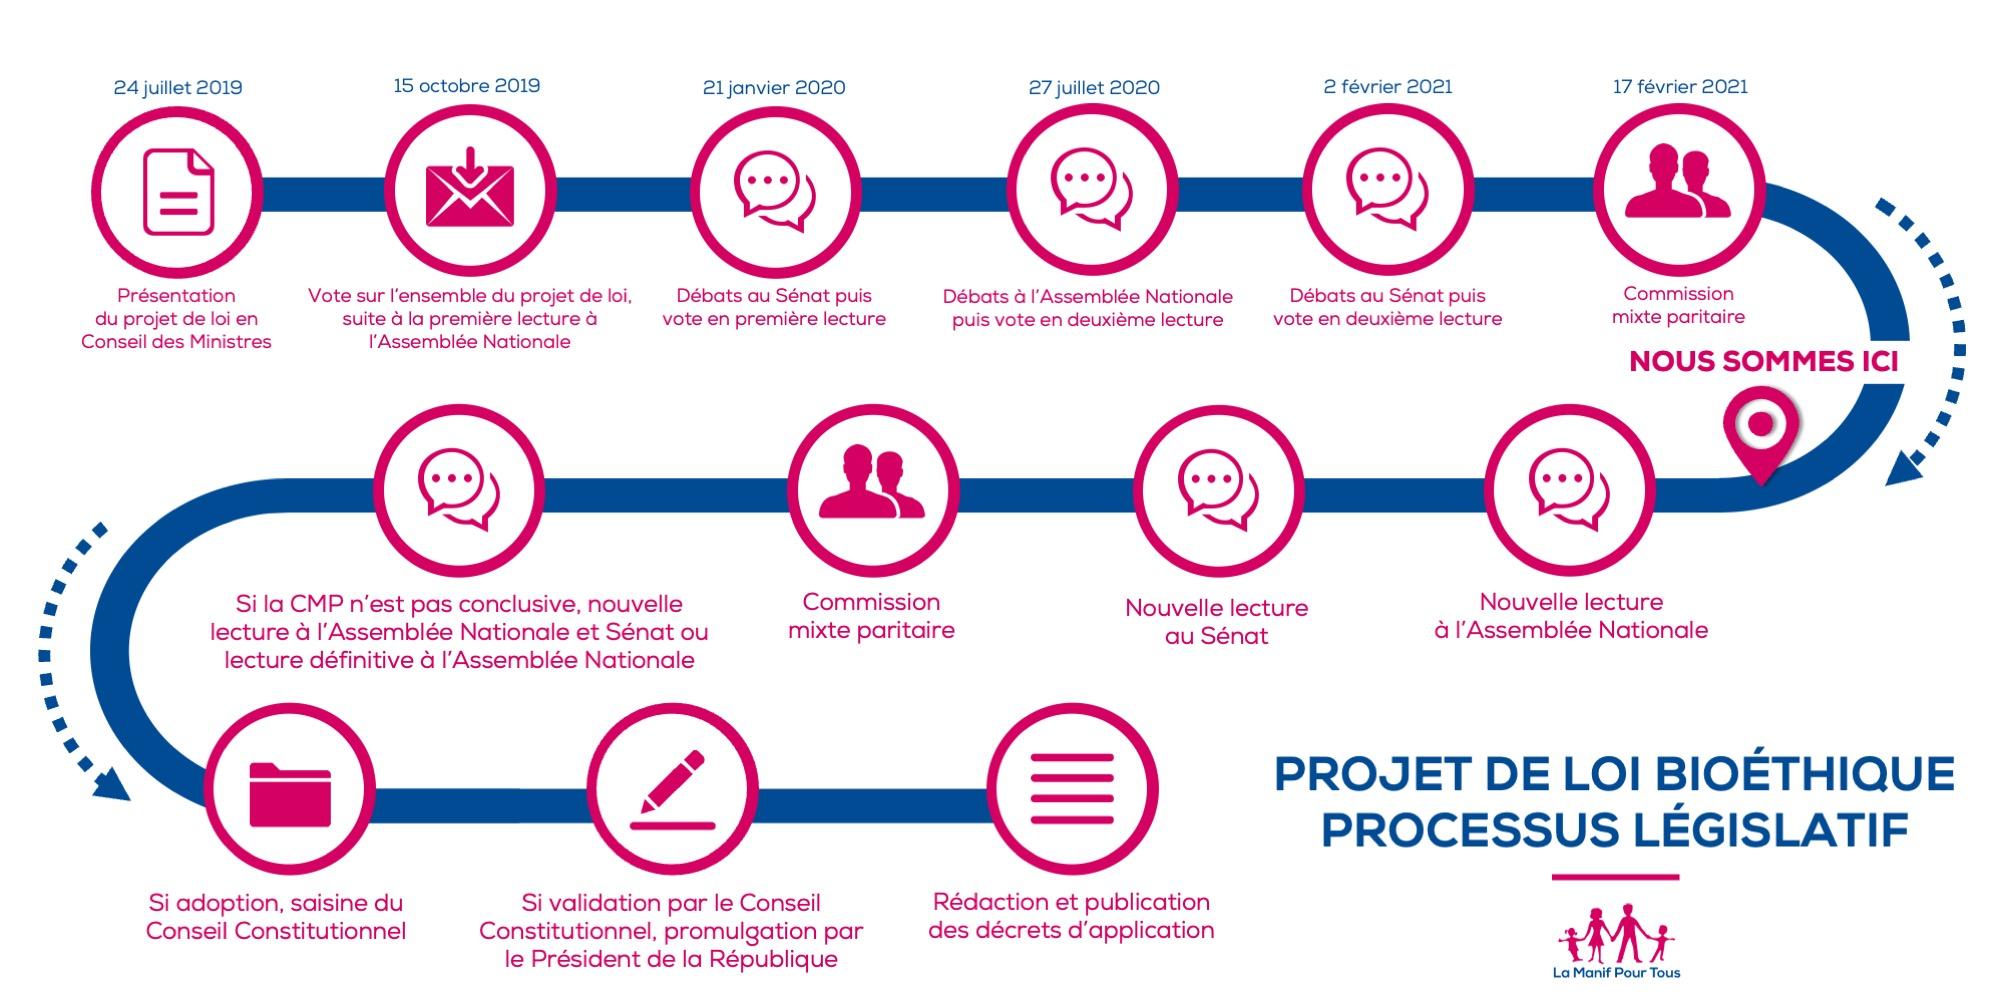 Image - Processus législatif : comprendre le parcours du projet de loi bioéthique